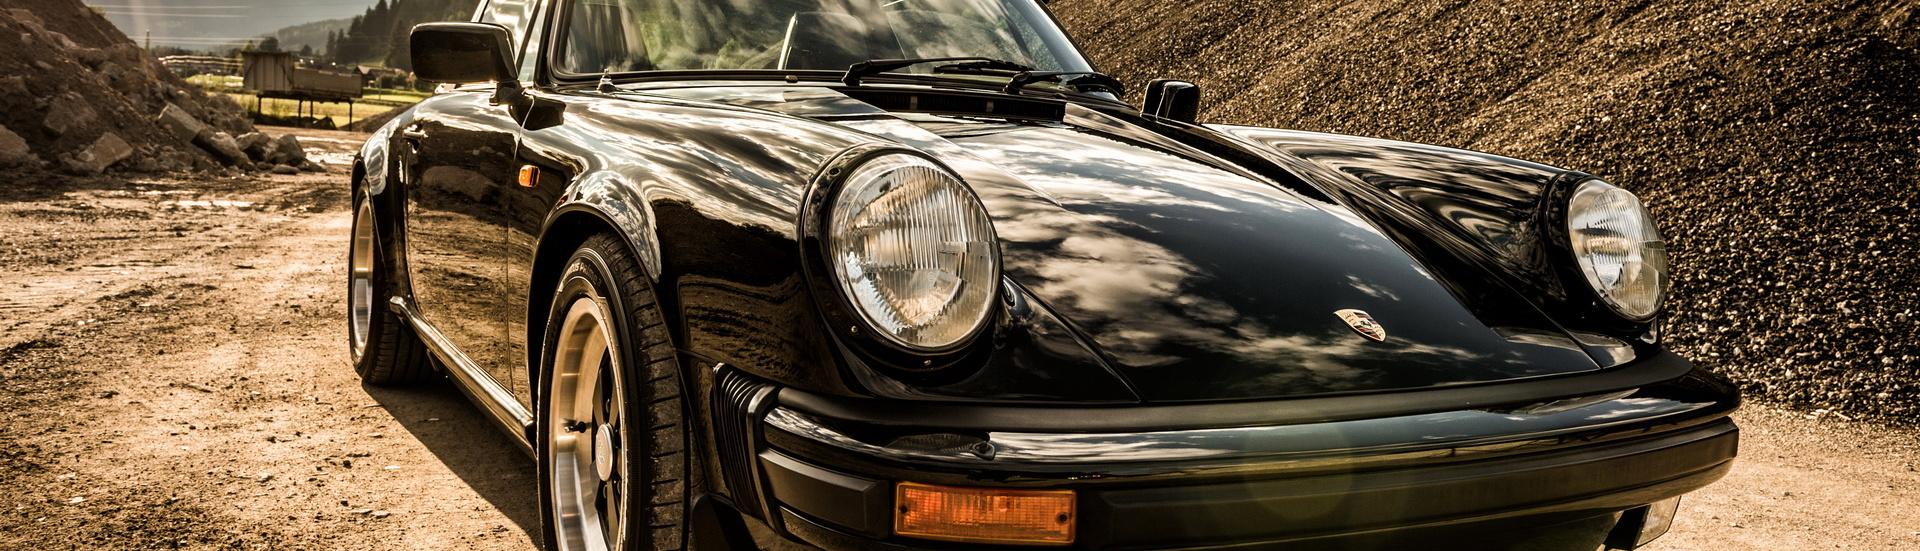 Porsche 911 Carrera Targa, 1985, Oldtimer-Restauration im Kfz-Fachbetrieb Preussler in Radstadt, Österreich